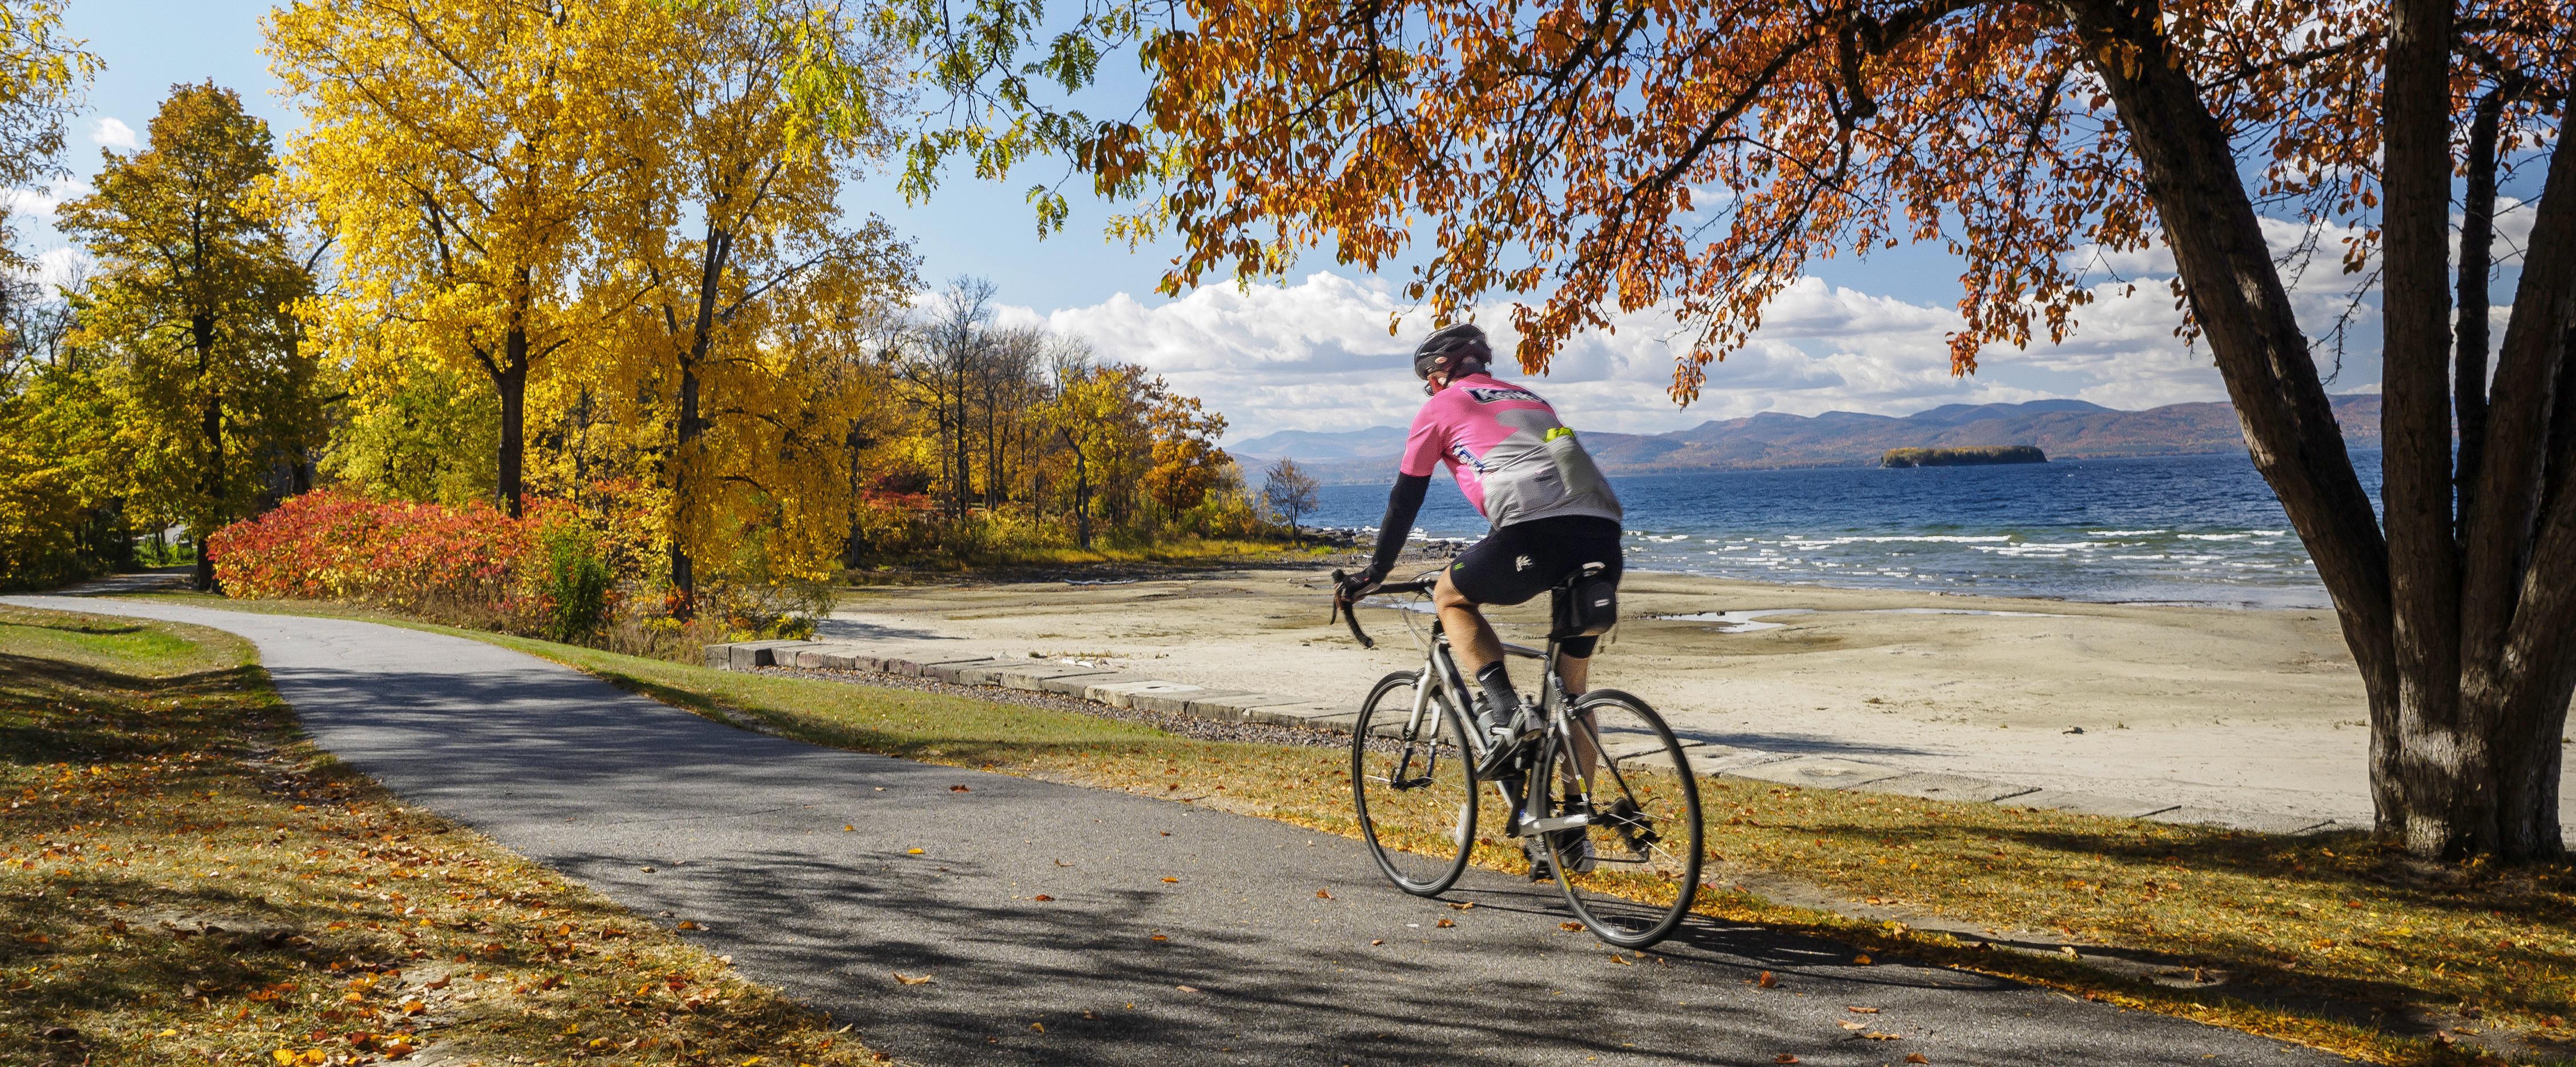 新英格蘭有不少景觀道路,漫步、慢跑或騎單車,都是體驗秋景的健康活動。(美聯社)